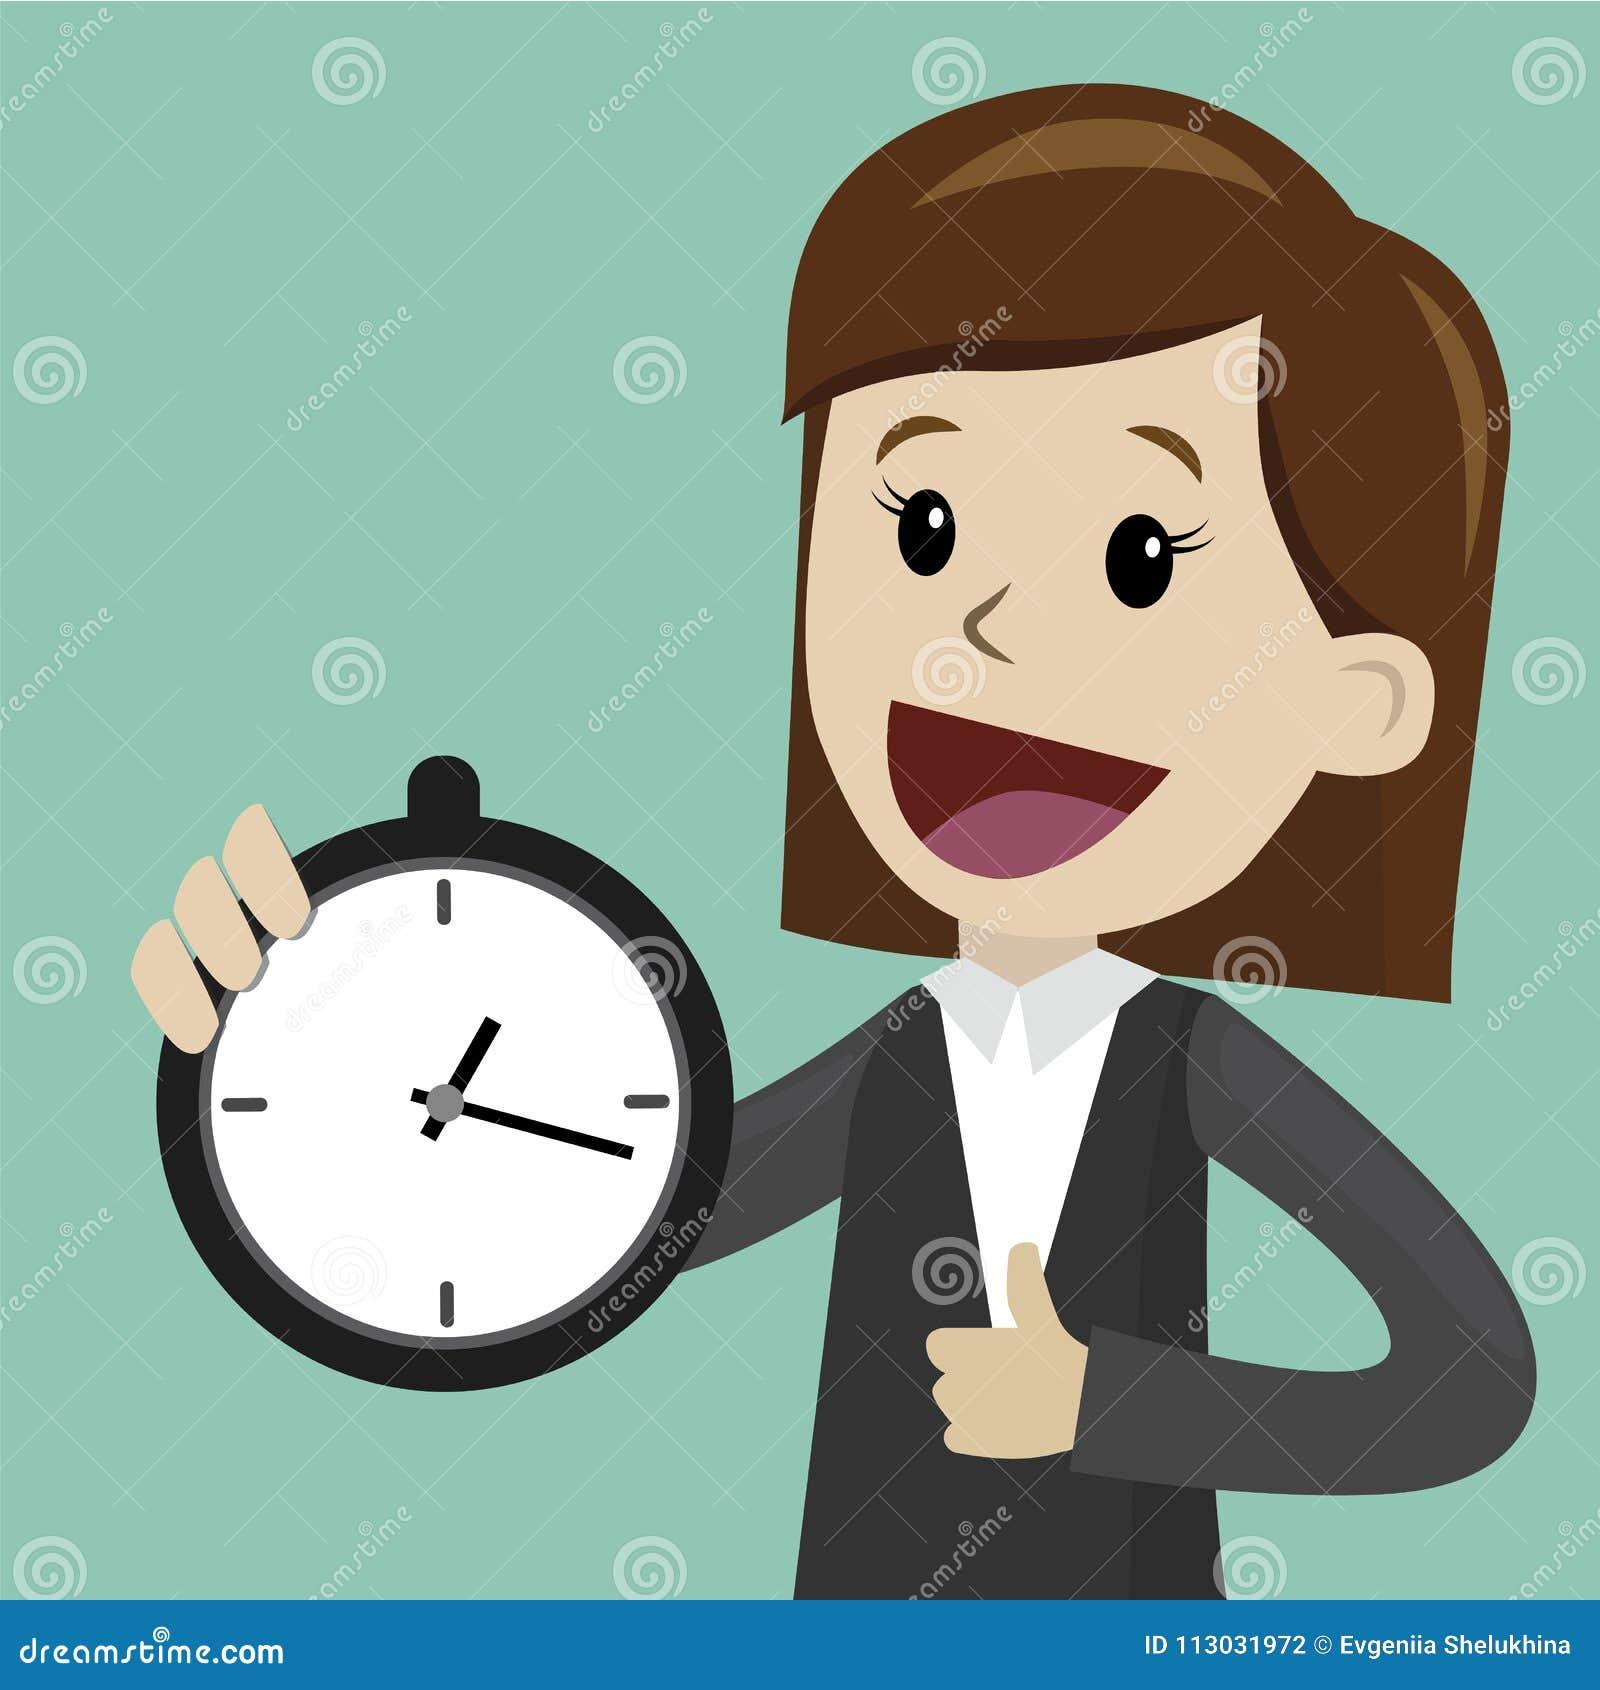 El reloj del control de la empresaria o del encargado y toma control en su tiempo